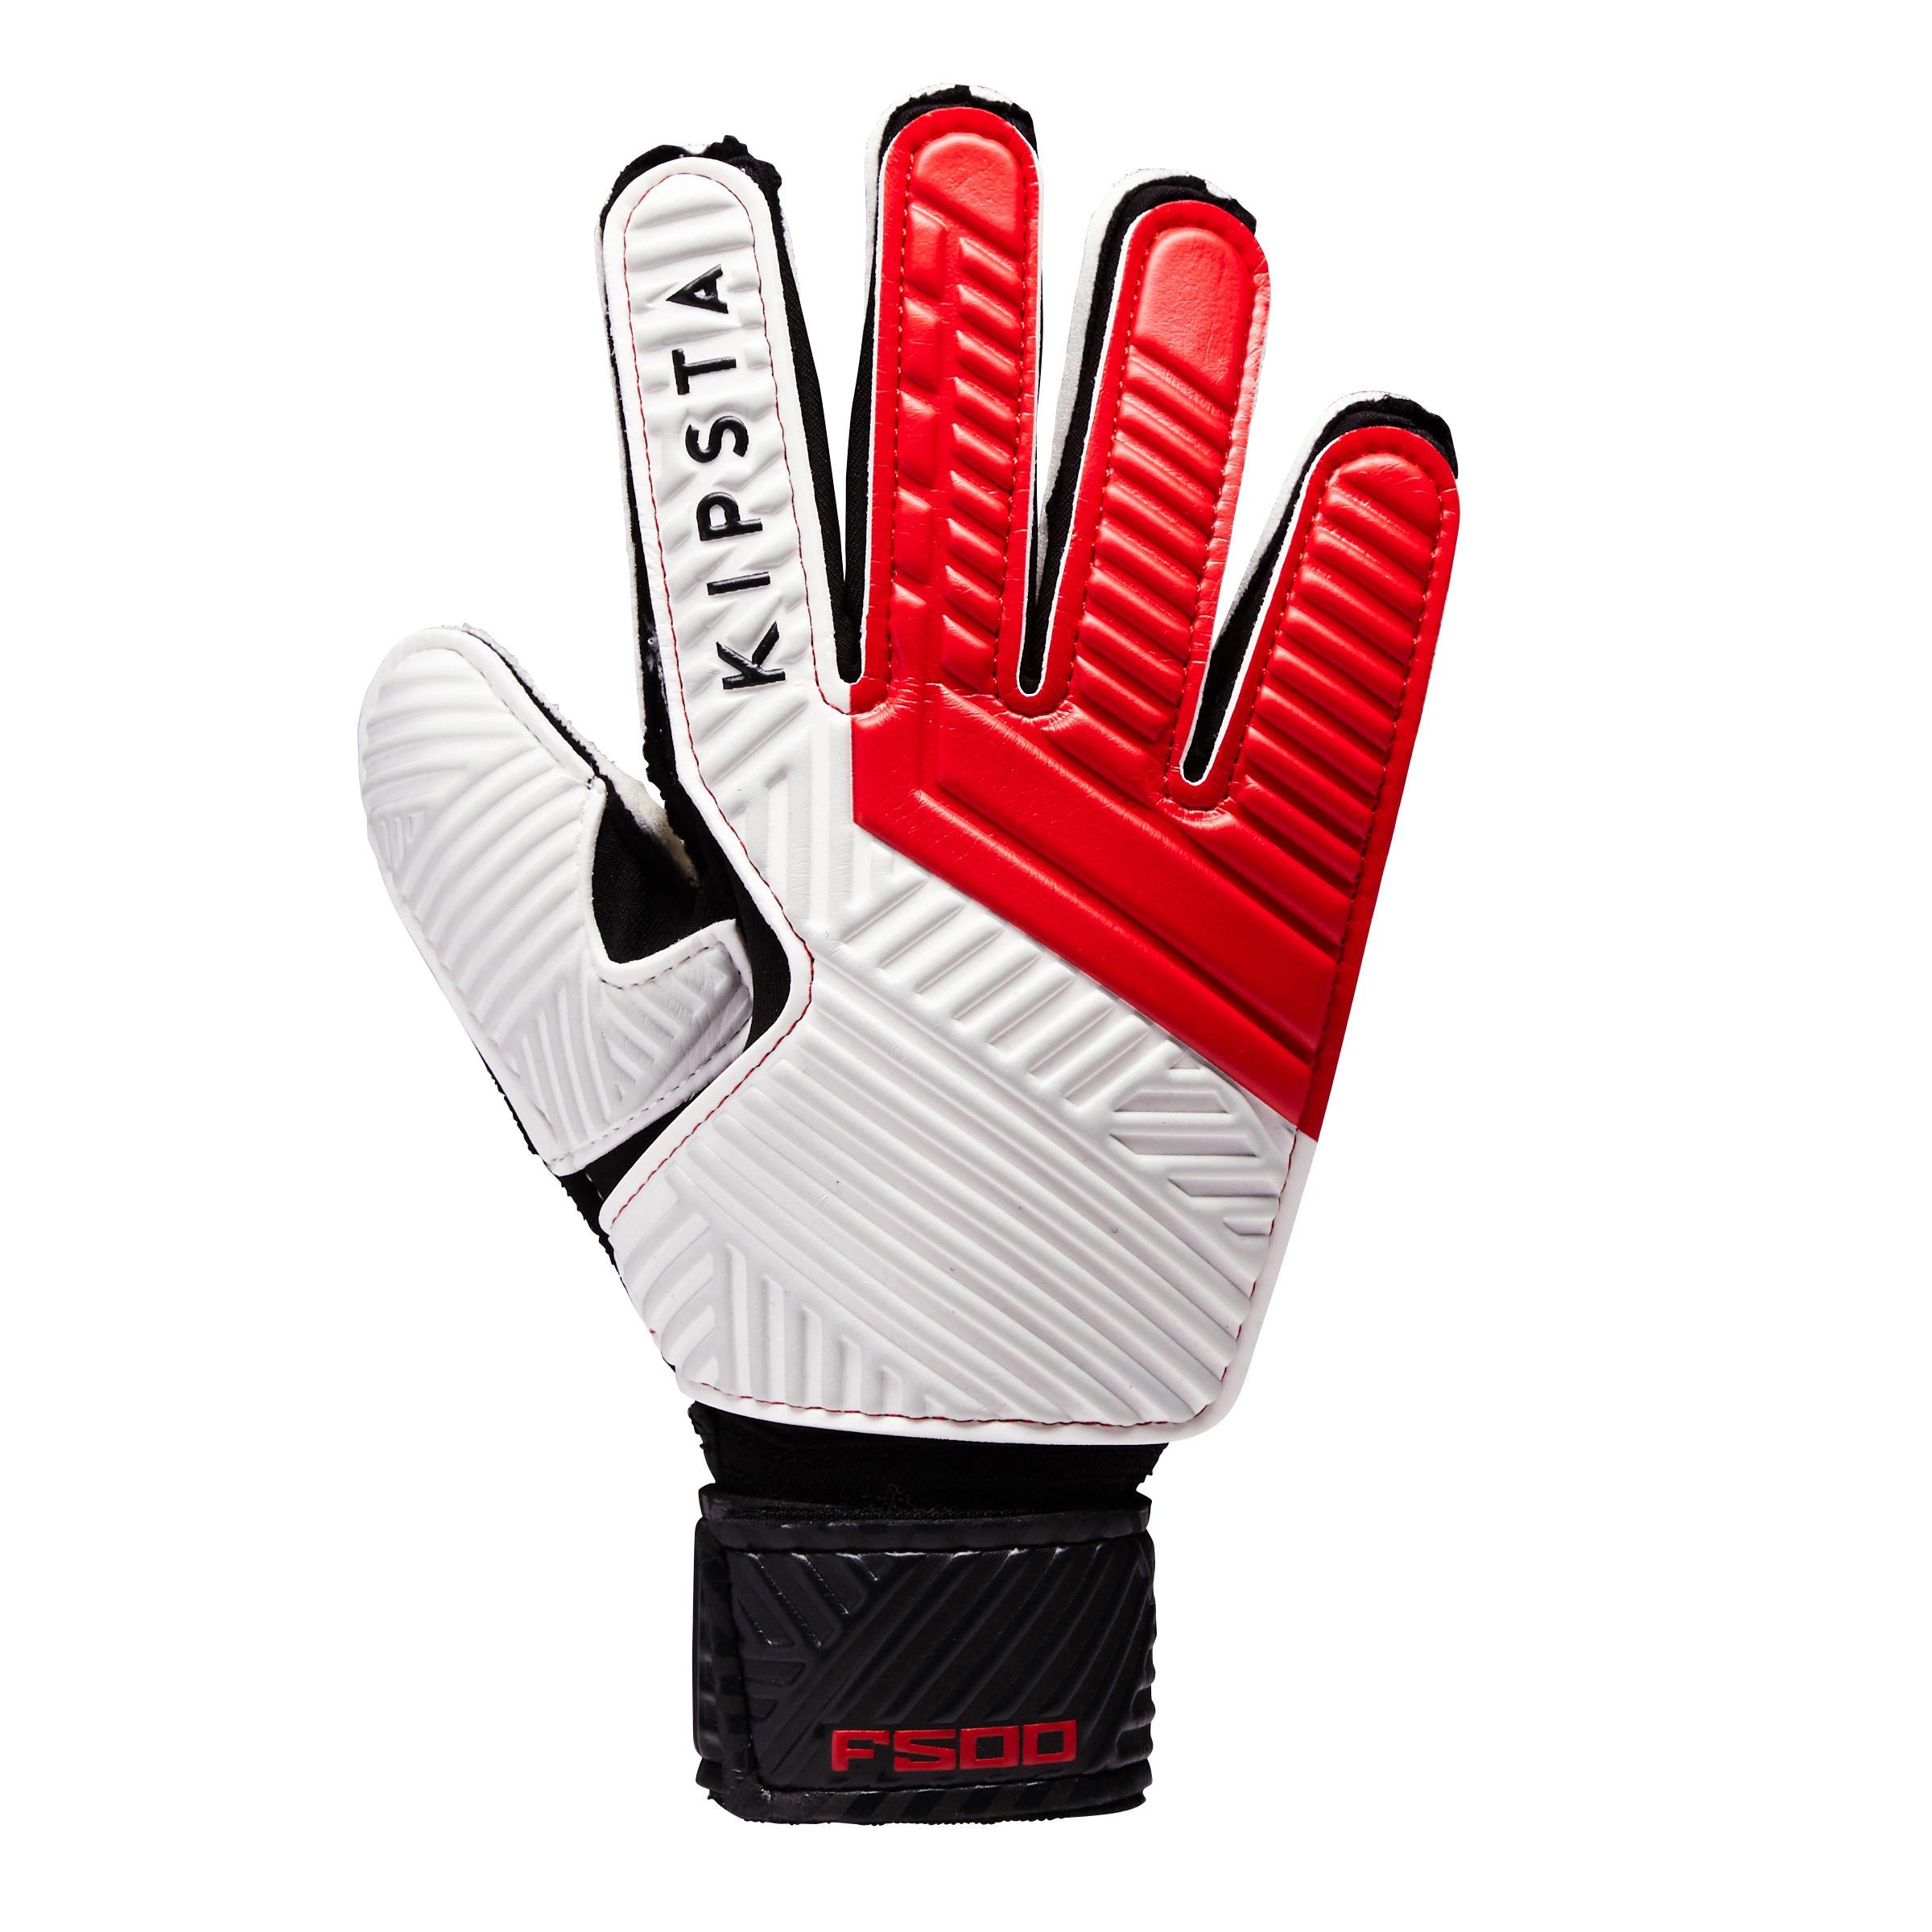 F500 Adult Soccer Goalkeeper Gloves - Red/Black